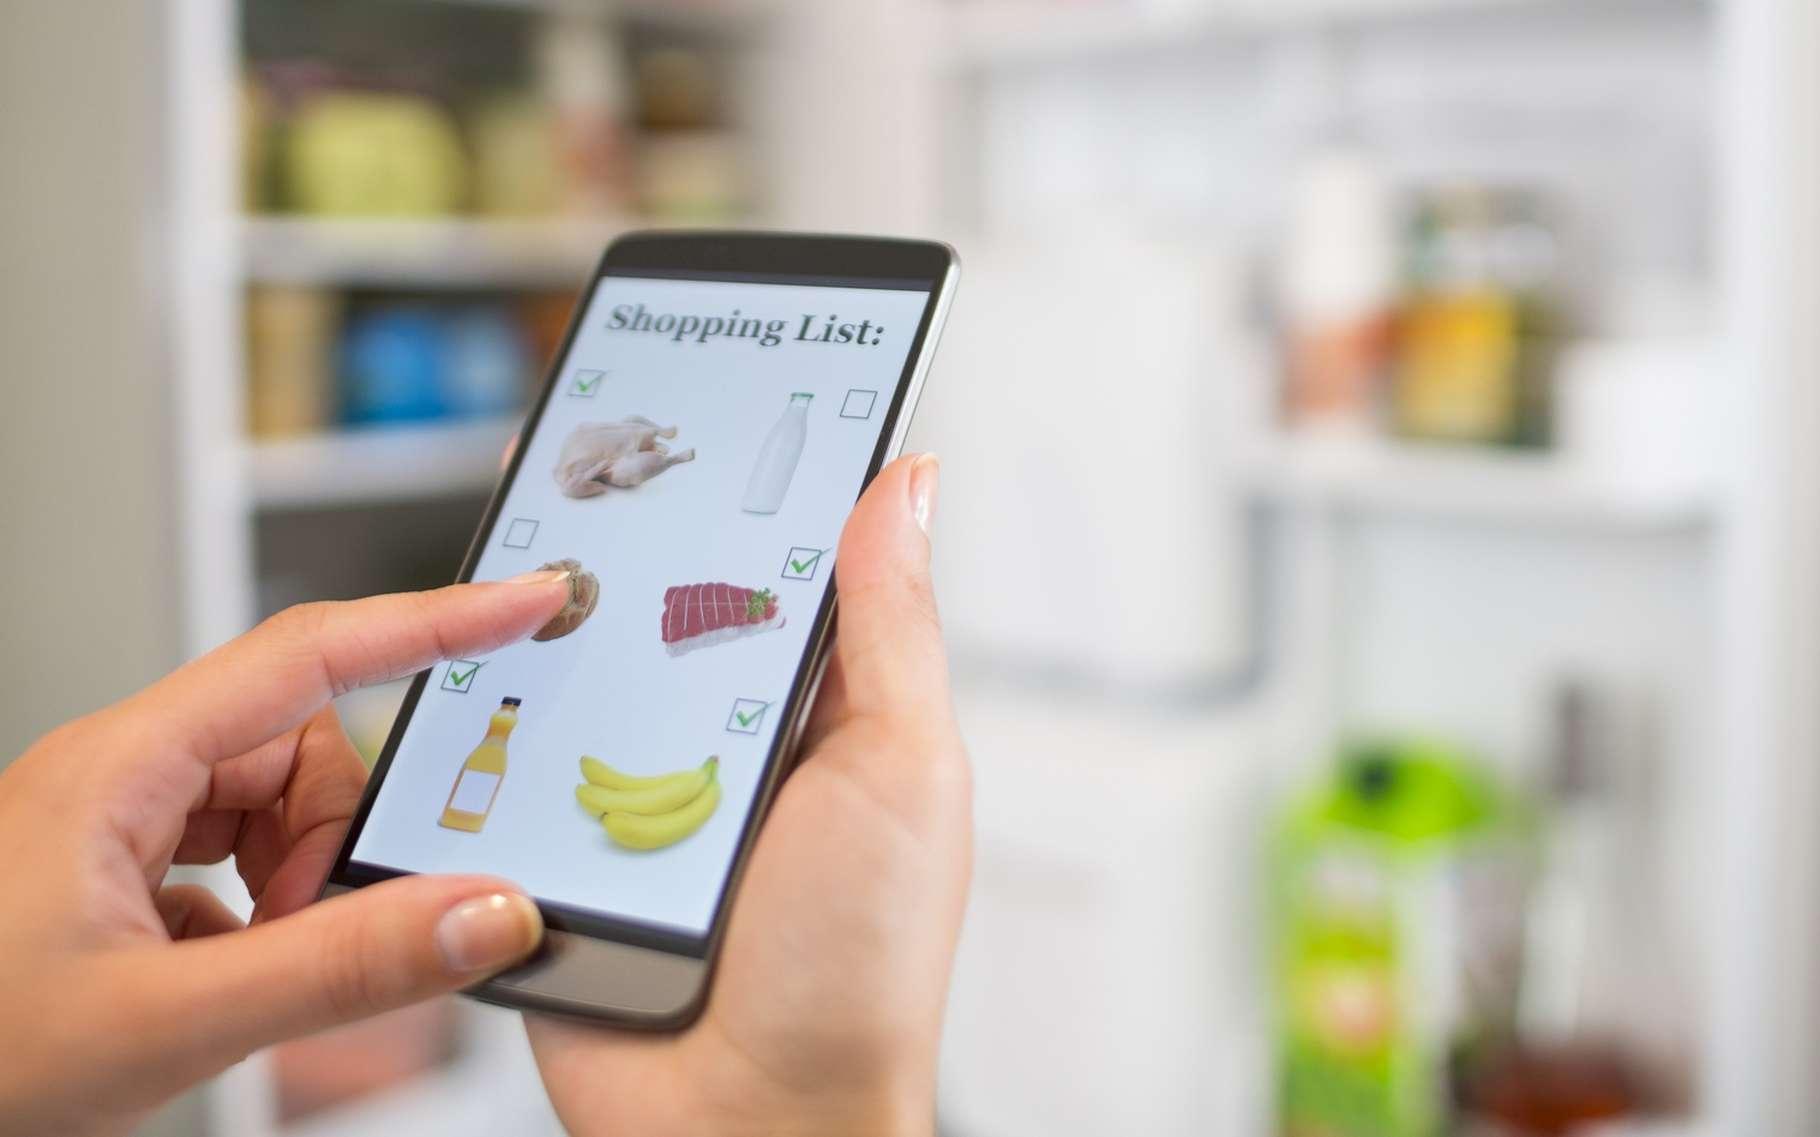 Grâce au module SmartDeviceBox codéveloppé par Microsoft et Liebherr, le réfrigérateur tient l'inventaire de son contenu et crée une liste des courses accessible à distance via des applications pour smartphone Android, iOS ou Windows. © LDprod